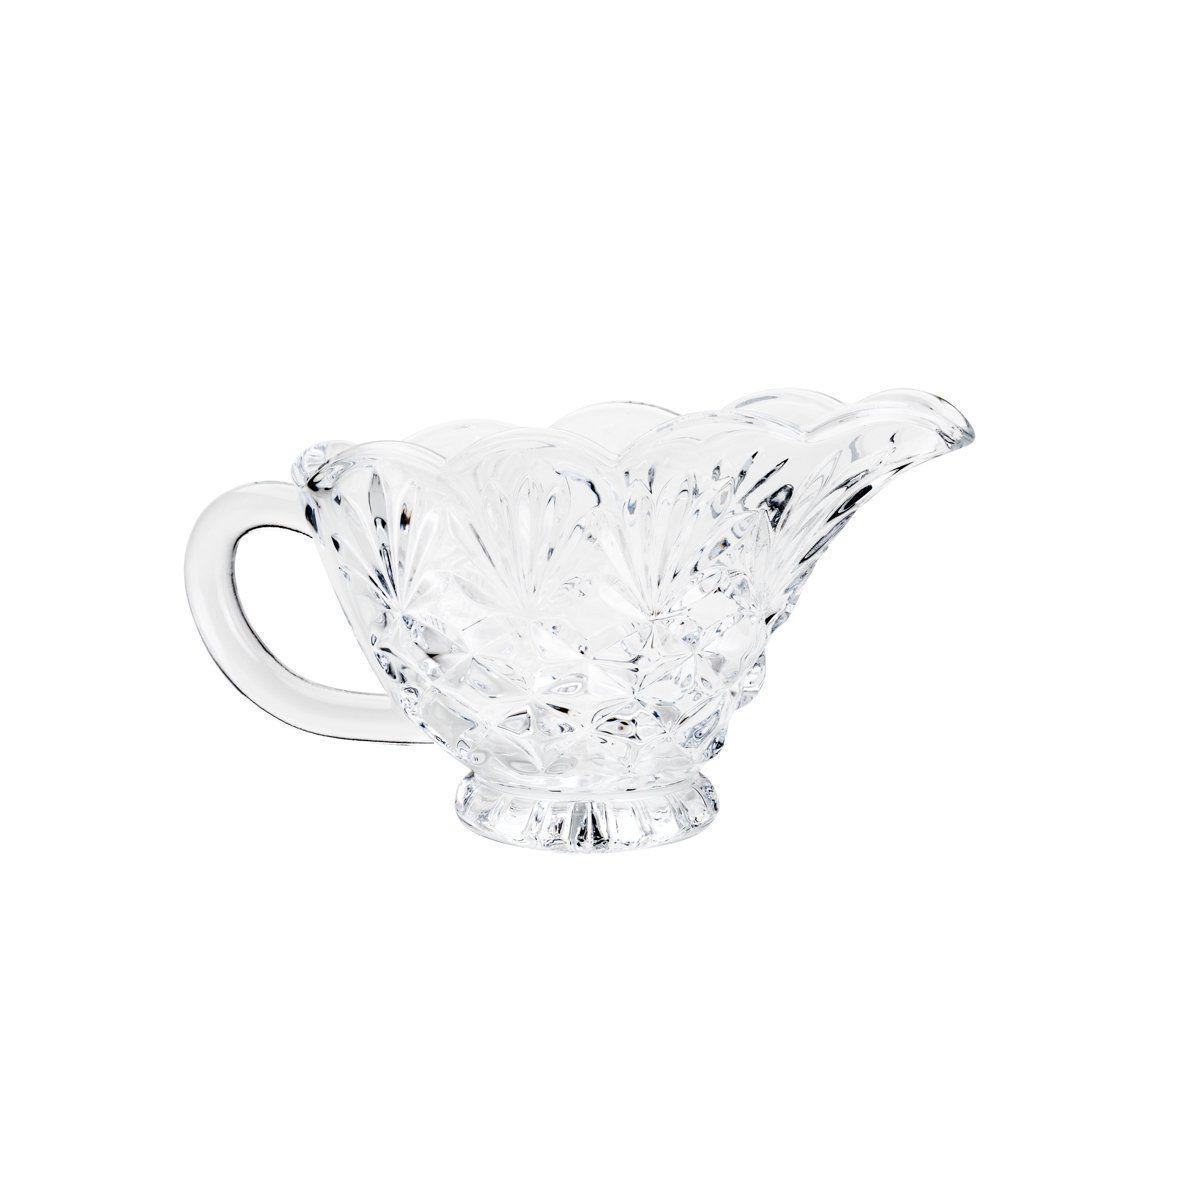 Molheira 140ml de cristal transparente Dublin Lyor - L7043